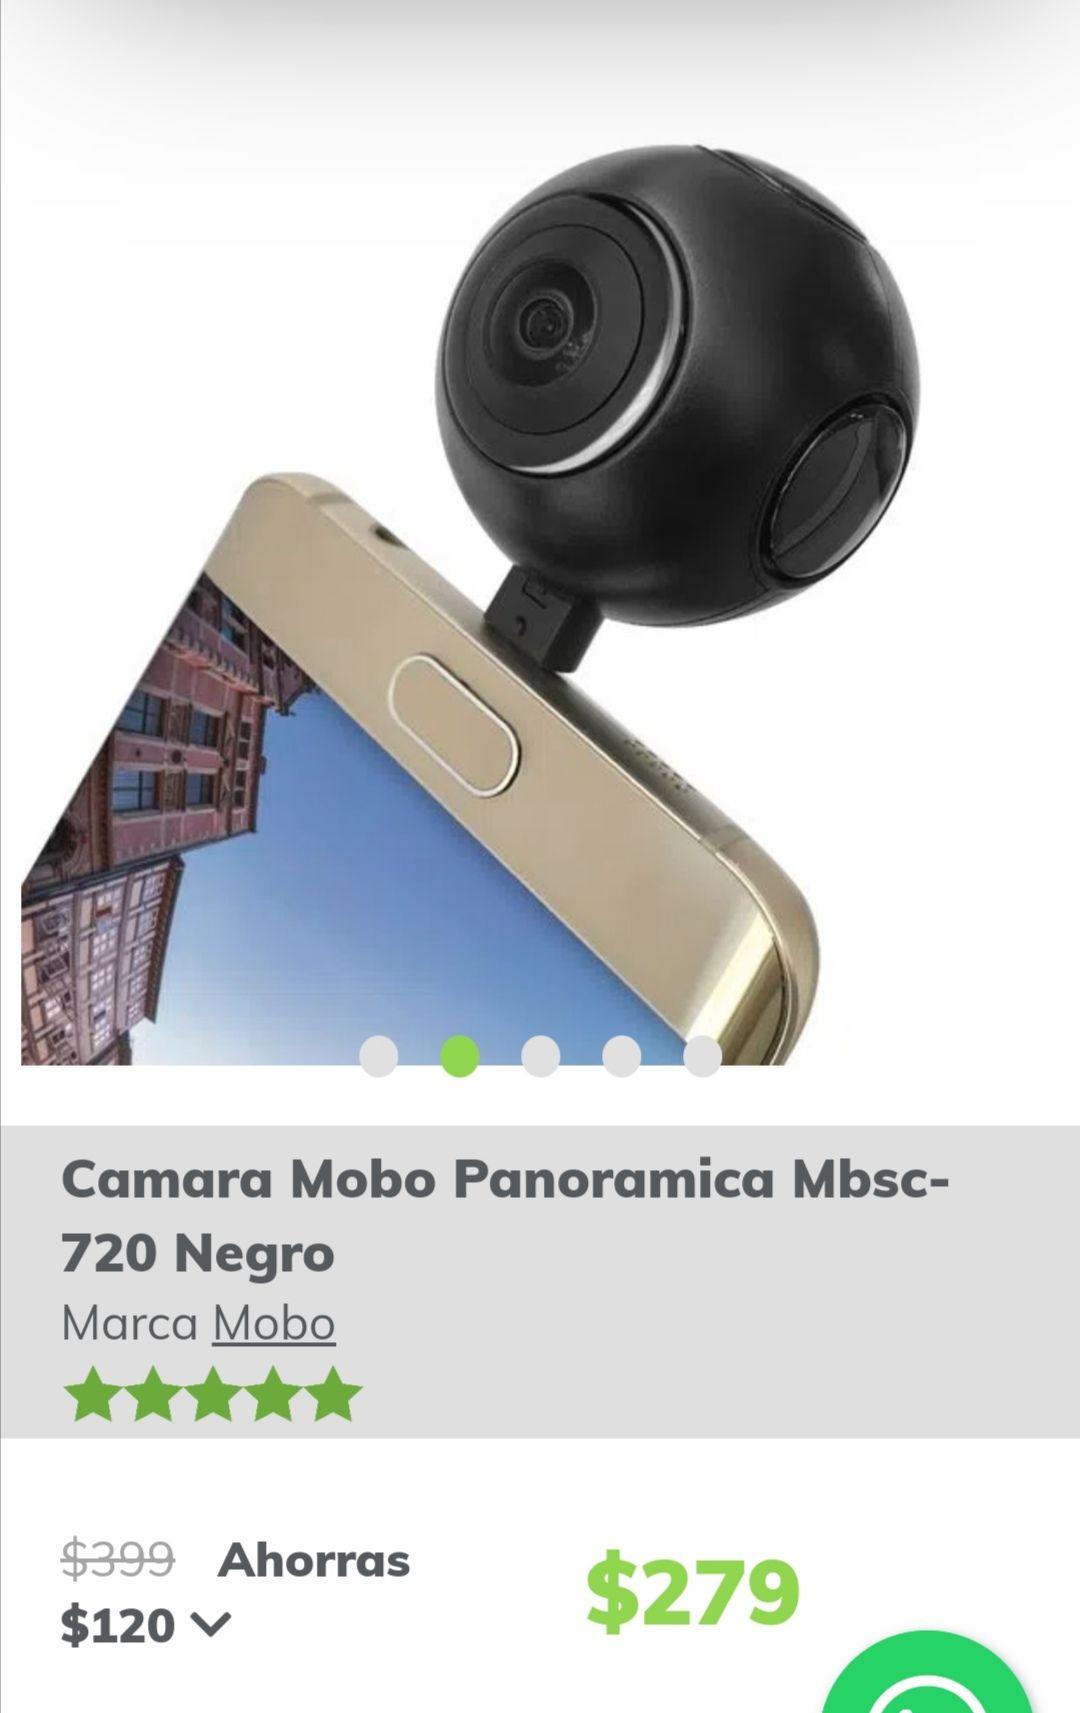 Mobo: Cámara panorámica mbsc de $399.00 a $279.00